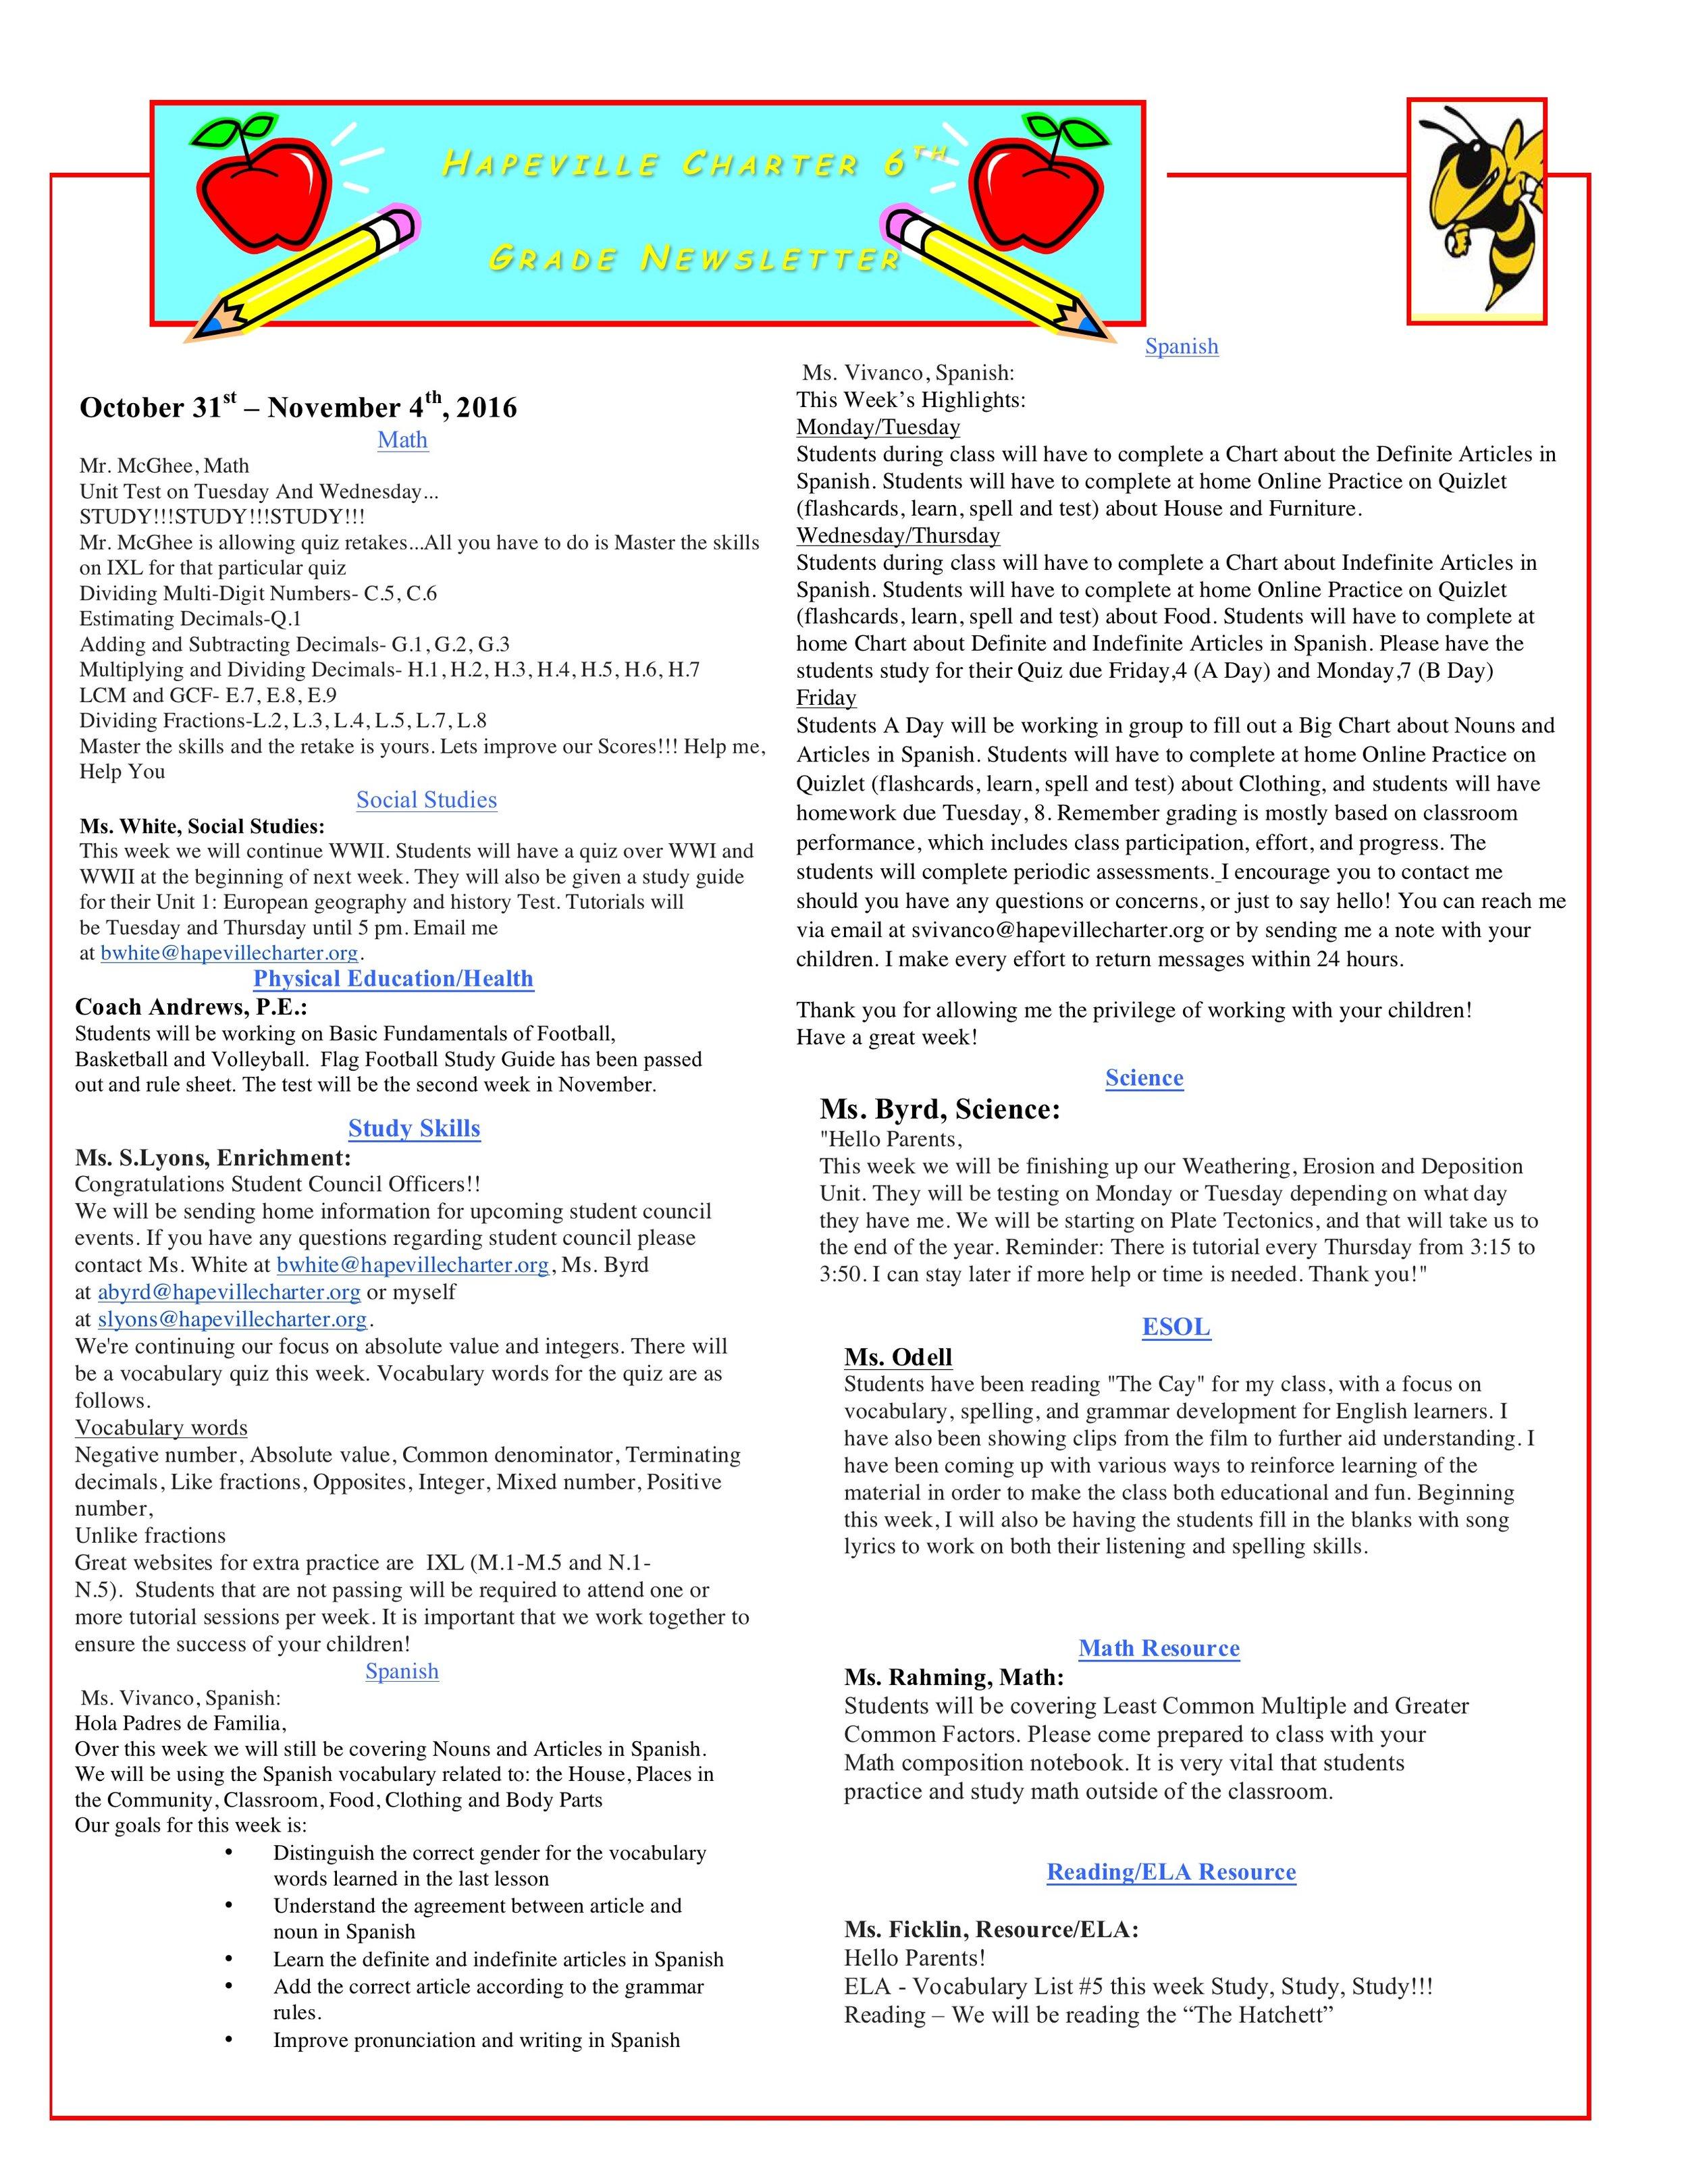 Newsletter Image6th Grade Newsletter 10-31-2016.jpeg